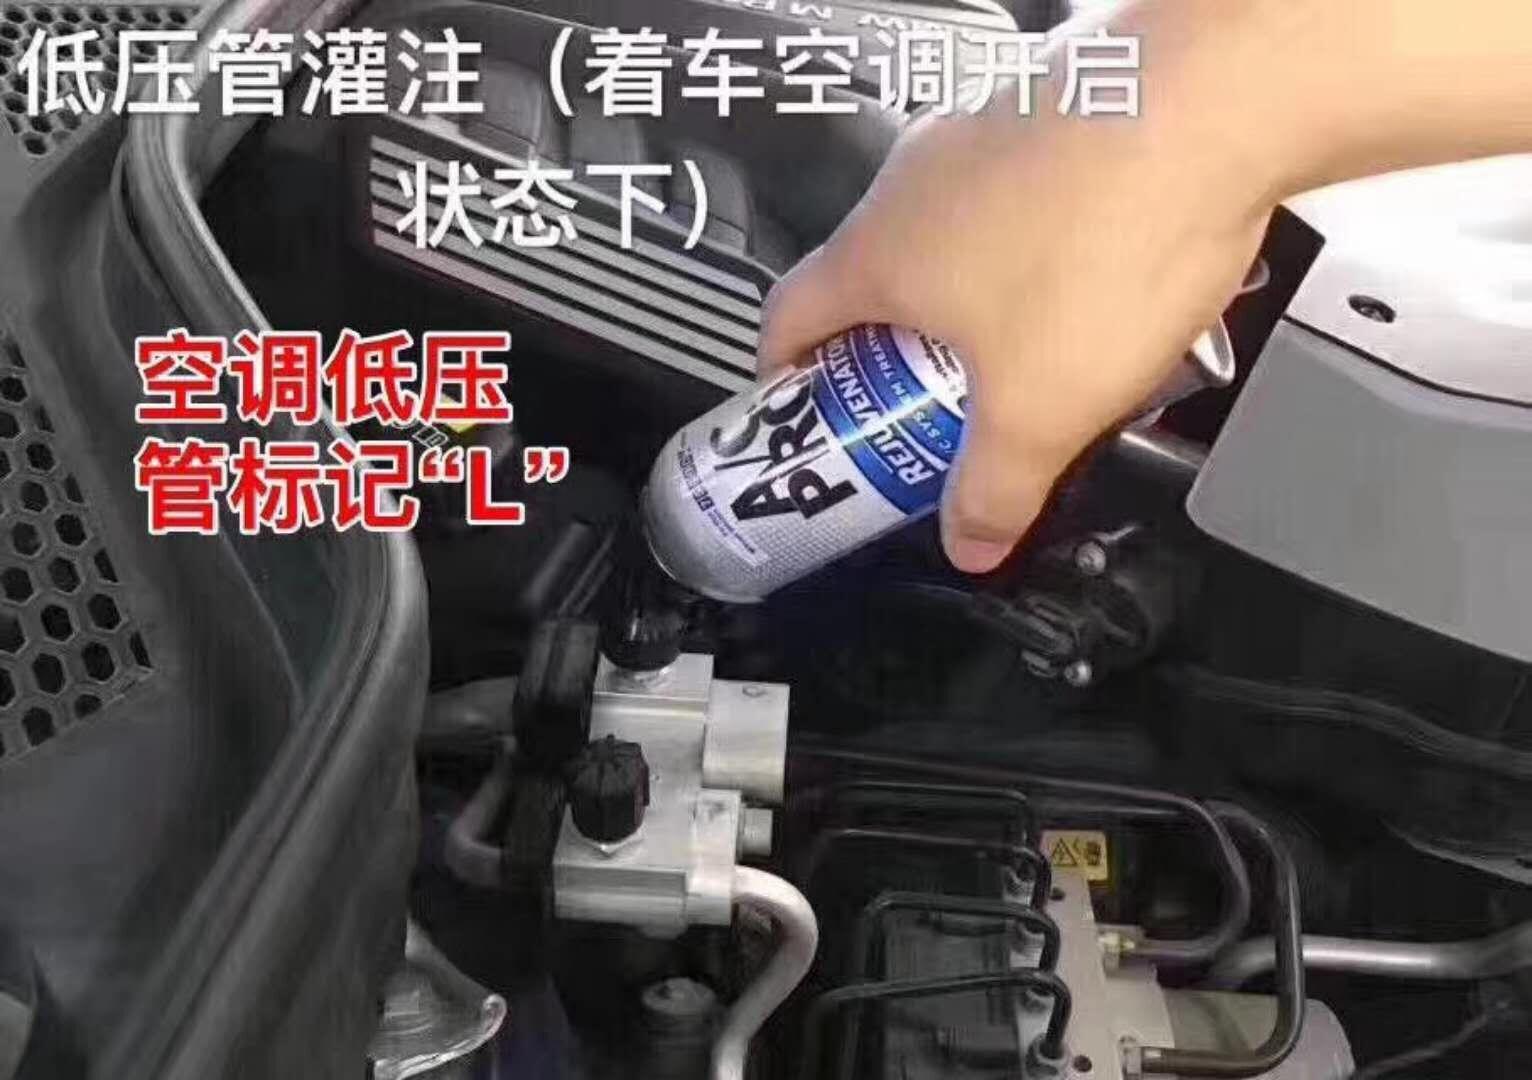 美国超级冷媒IDQ冰点还原降温汽车AC空调昂克赛拉制冷剂防漏清洗